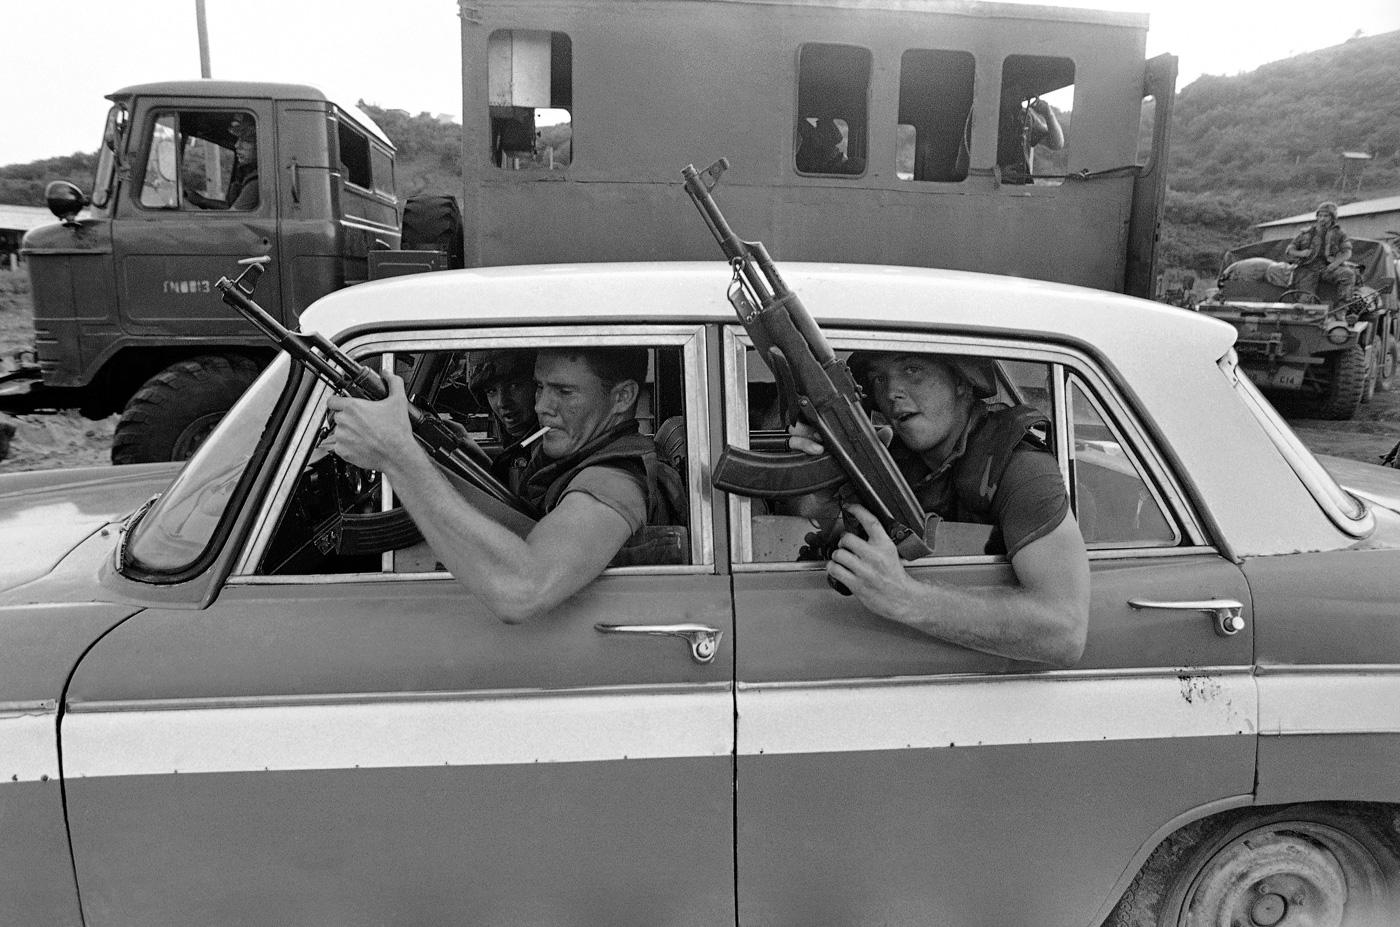 Американские рейнджеры у аэропорта Пойнт-Салинас, 1983 год